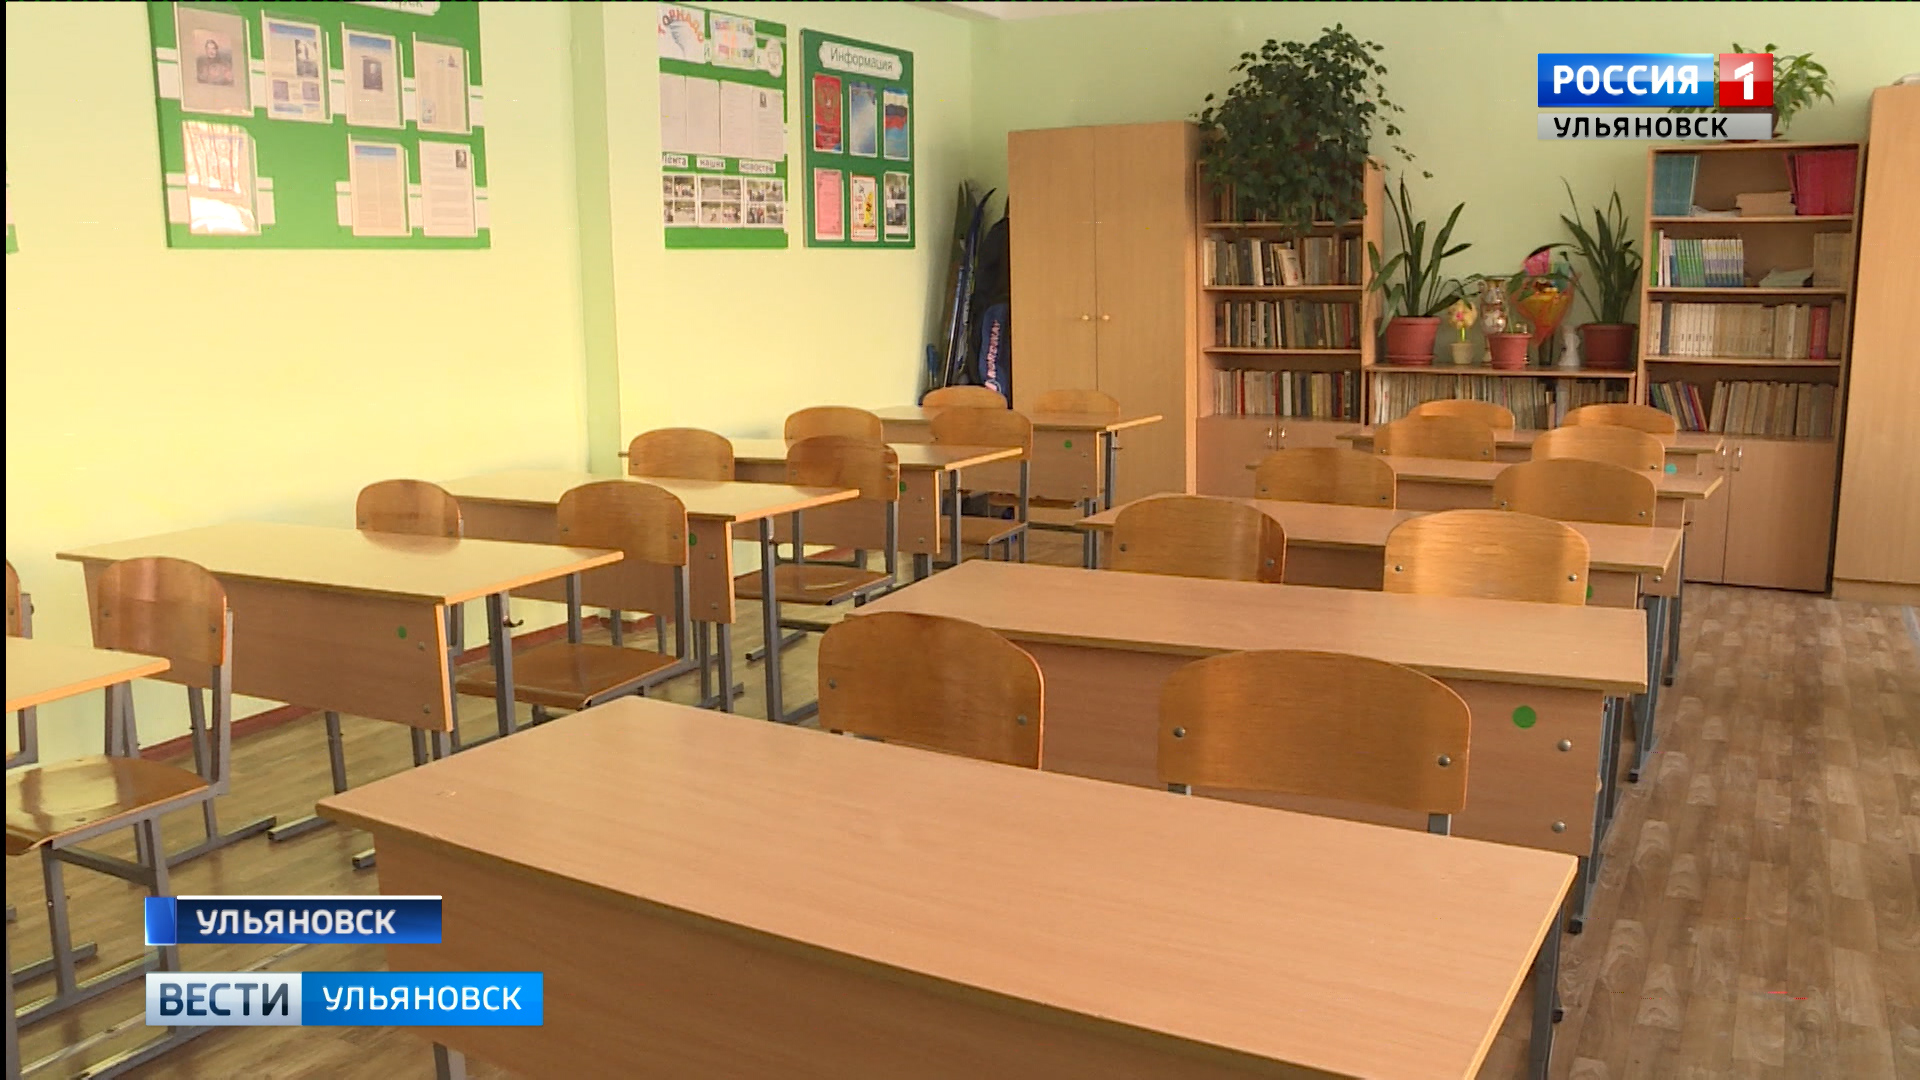 Карантин в ульяновских школах.Комментарий эксперта